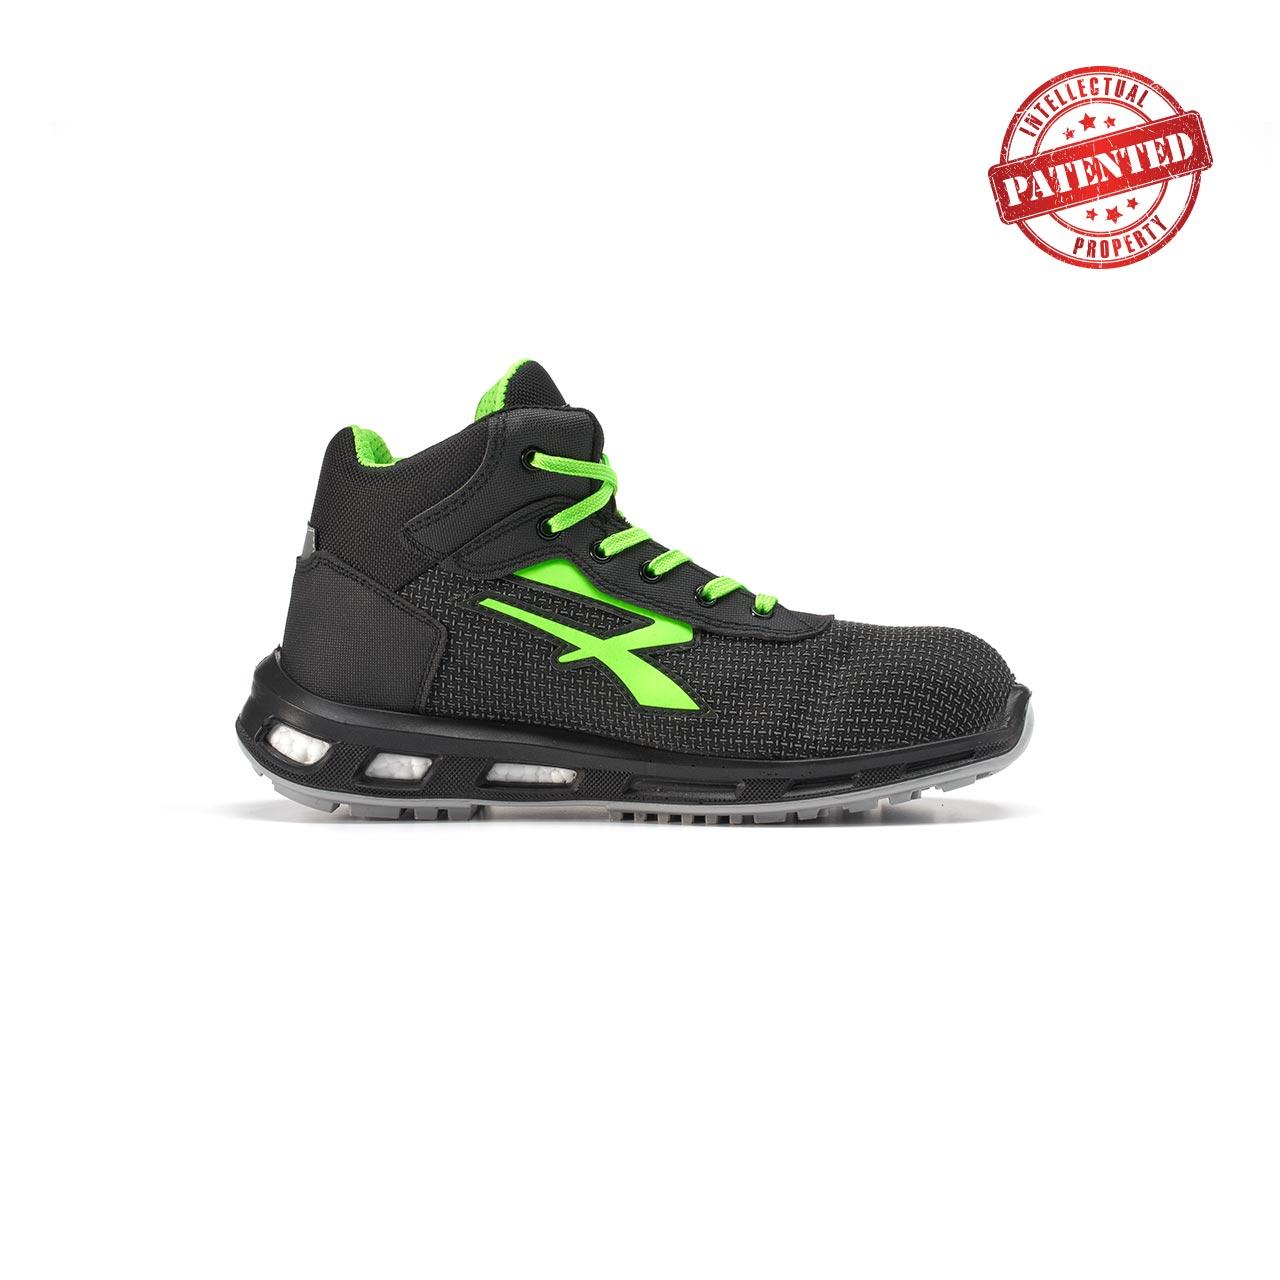 calzatura da lavoro alta upower modello hard linea redlion vista lato destro